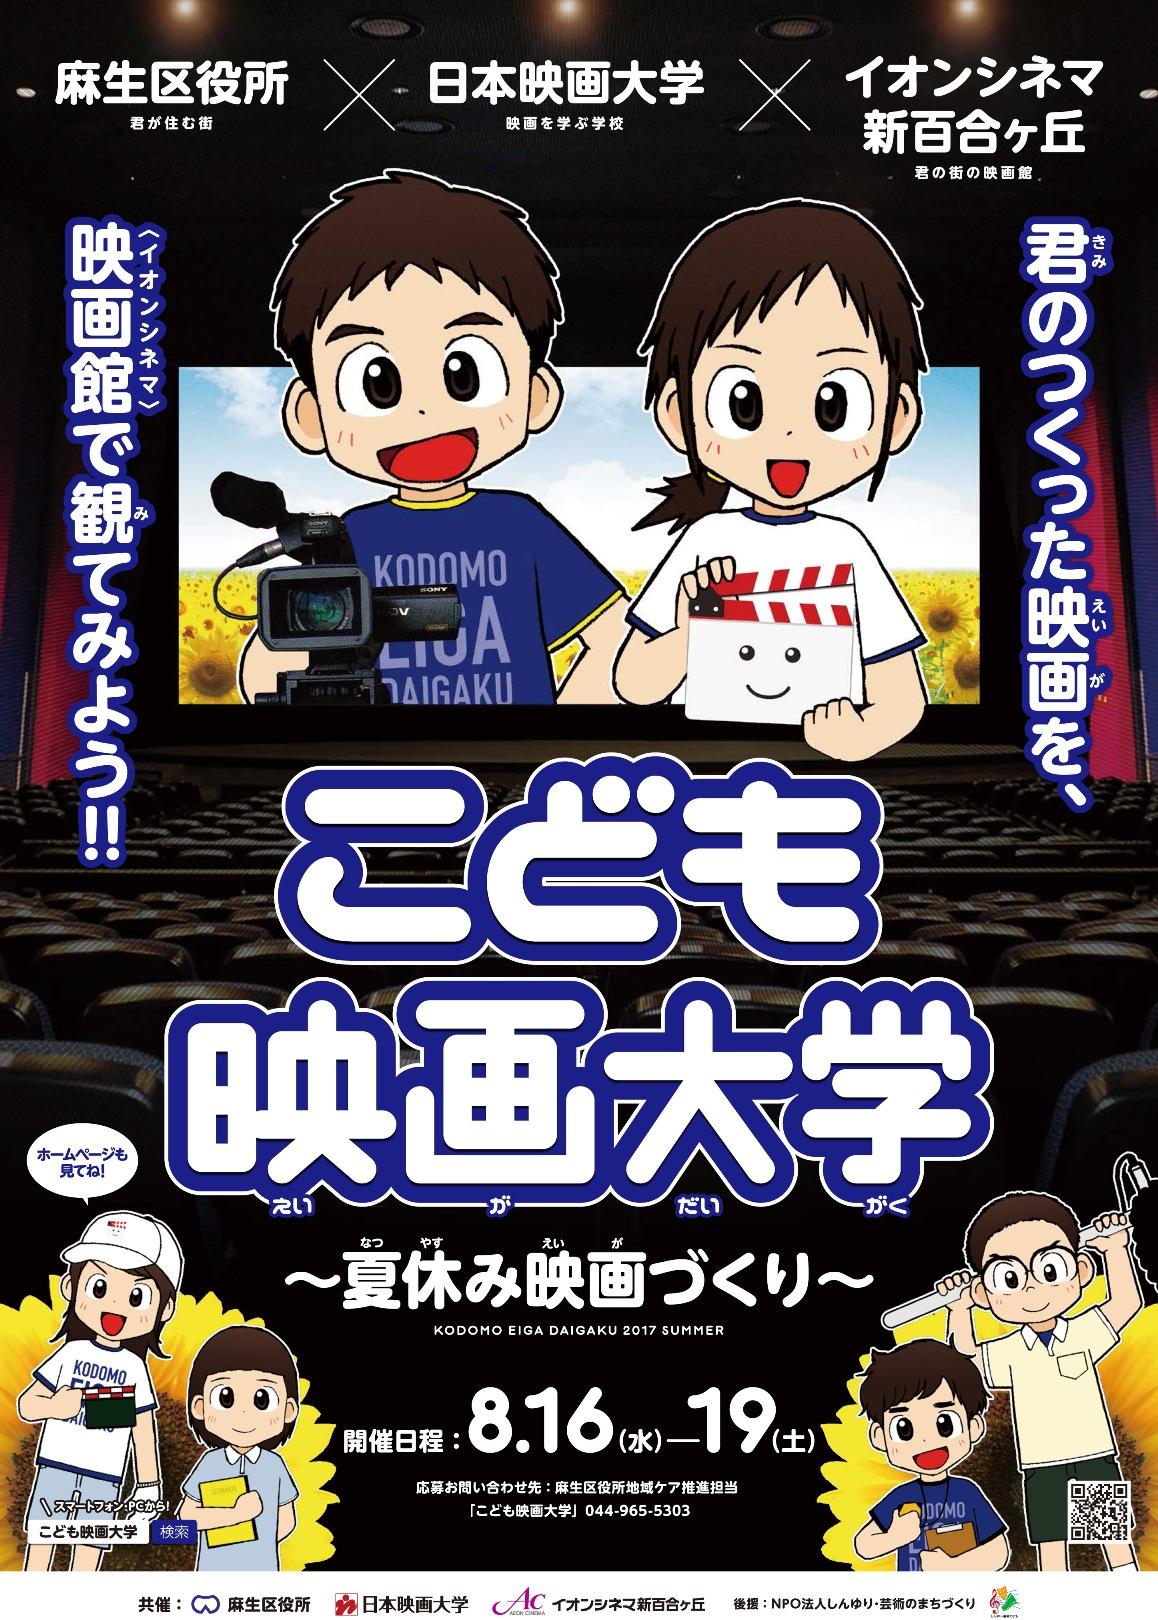 日本映画大学が8月16~19日に「こども映画大学」を開催 -- 麻生区役所、イオンシネマ新百合ヶ丘と共に地域と連携を図り、社会貢献を推進